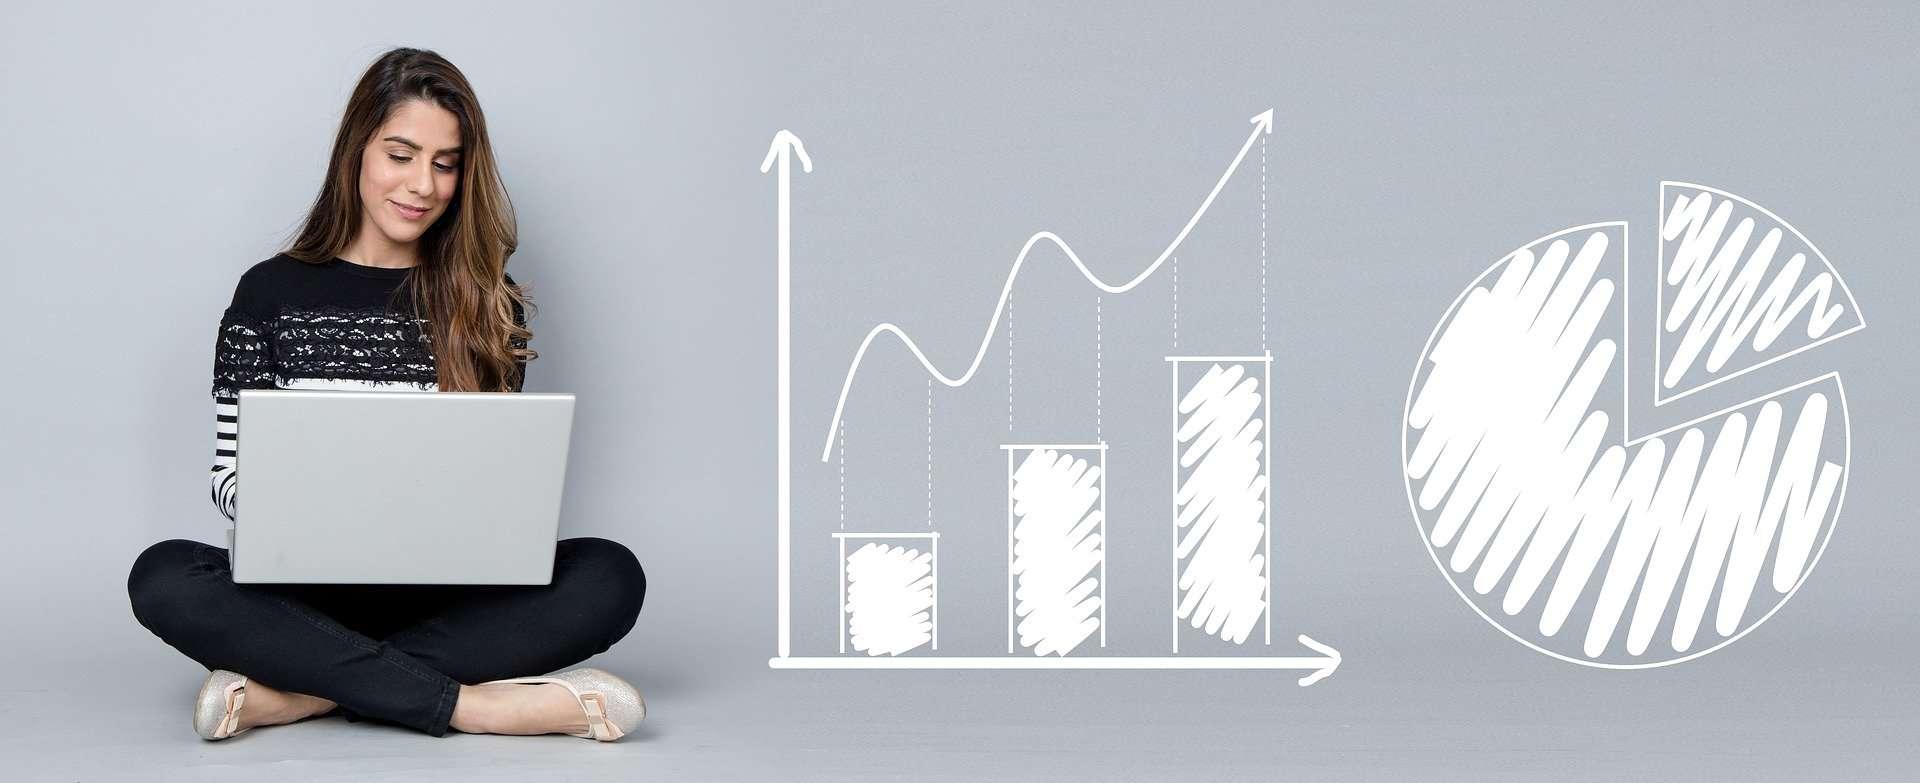 Online Passive Income Ideas